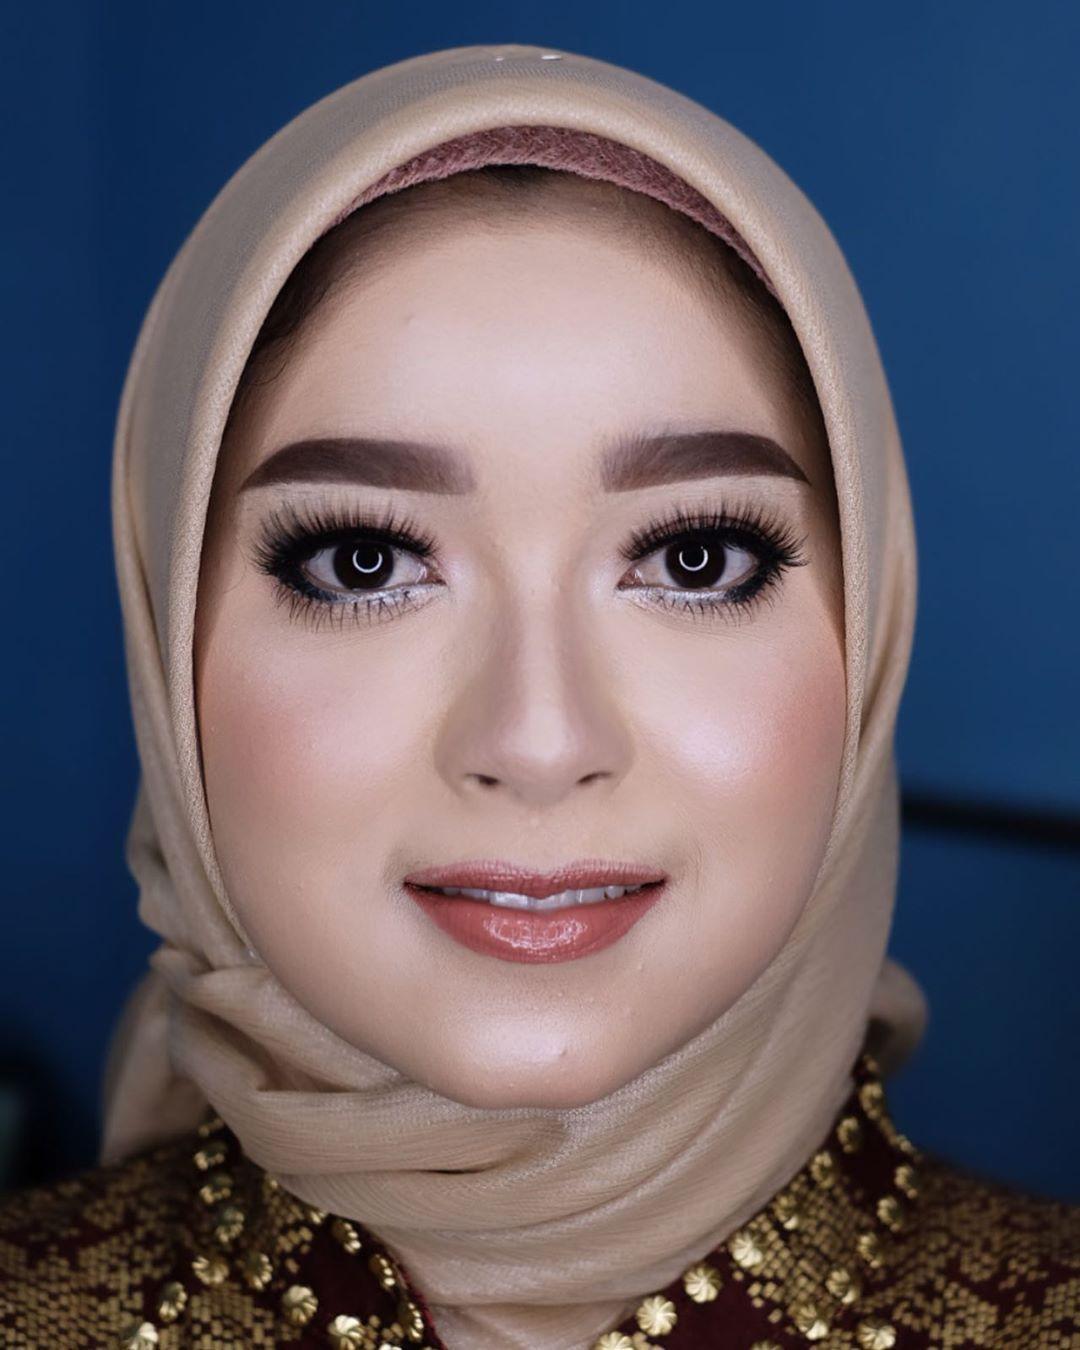 Engangement For Kak Febrianinm Mua Mandadari Makeupartist Makeuptutorial Makeup Makeupnatural Makeupwisuda Makeupartist Makeupslaves Wedd 2020